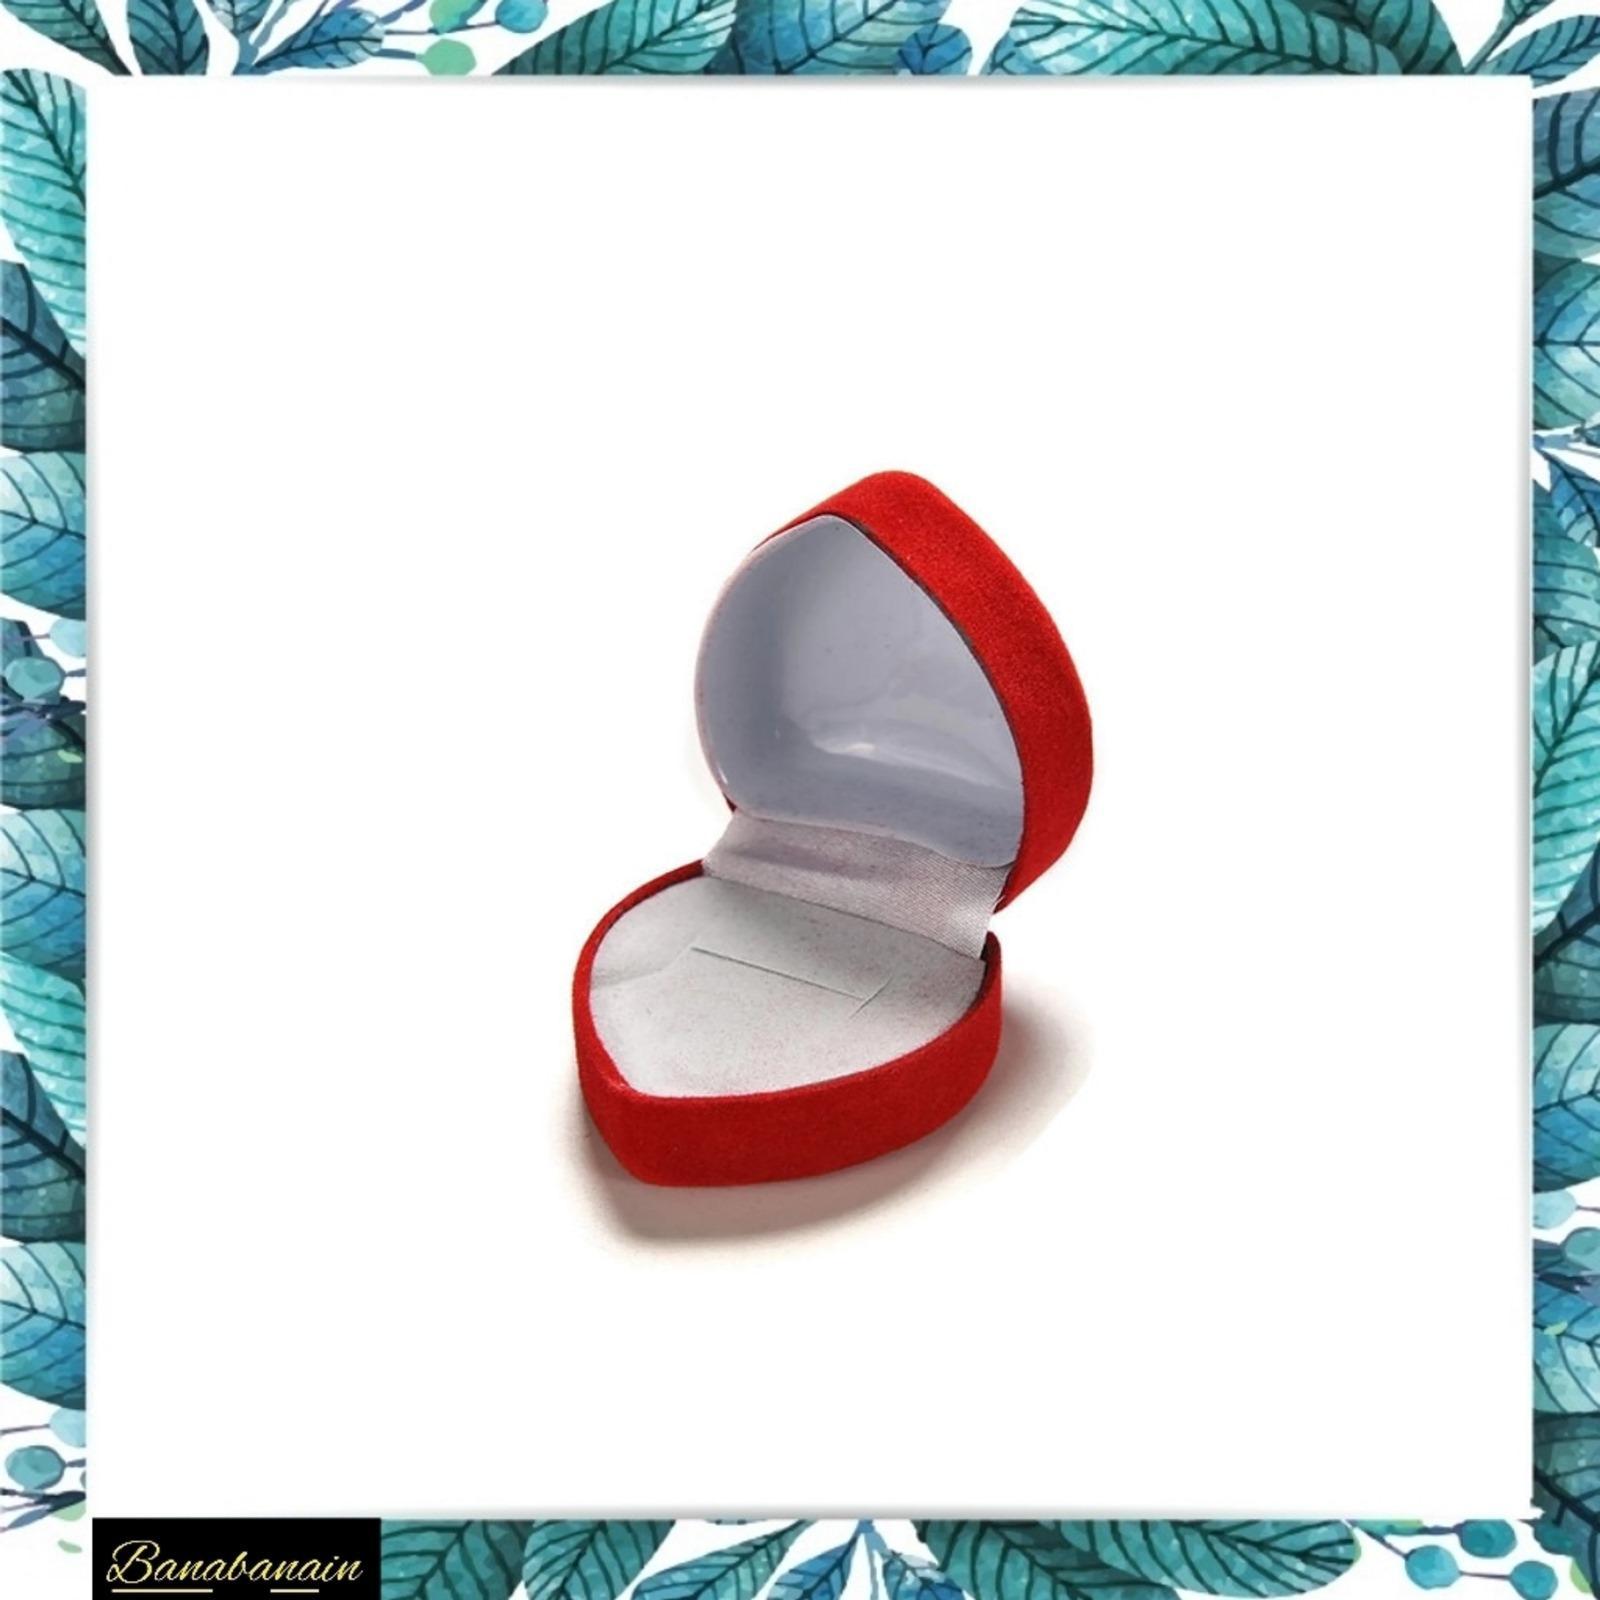 Kotak cincin Bludru merah Ring Box tempat cincin